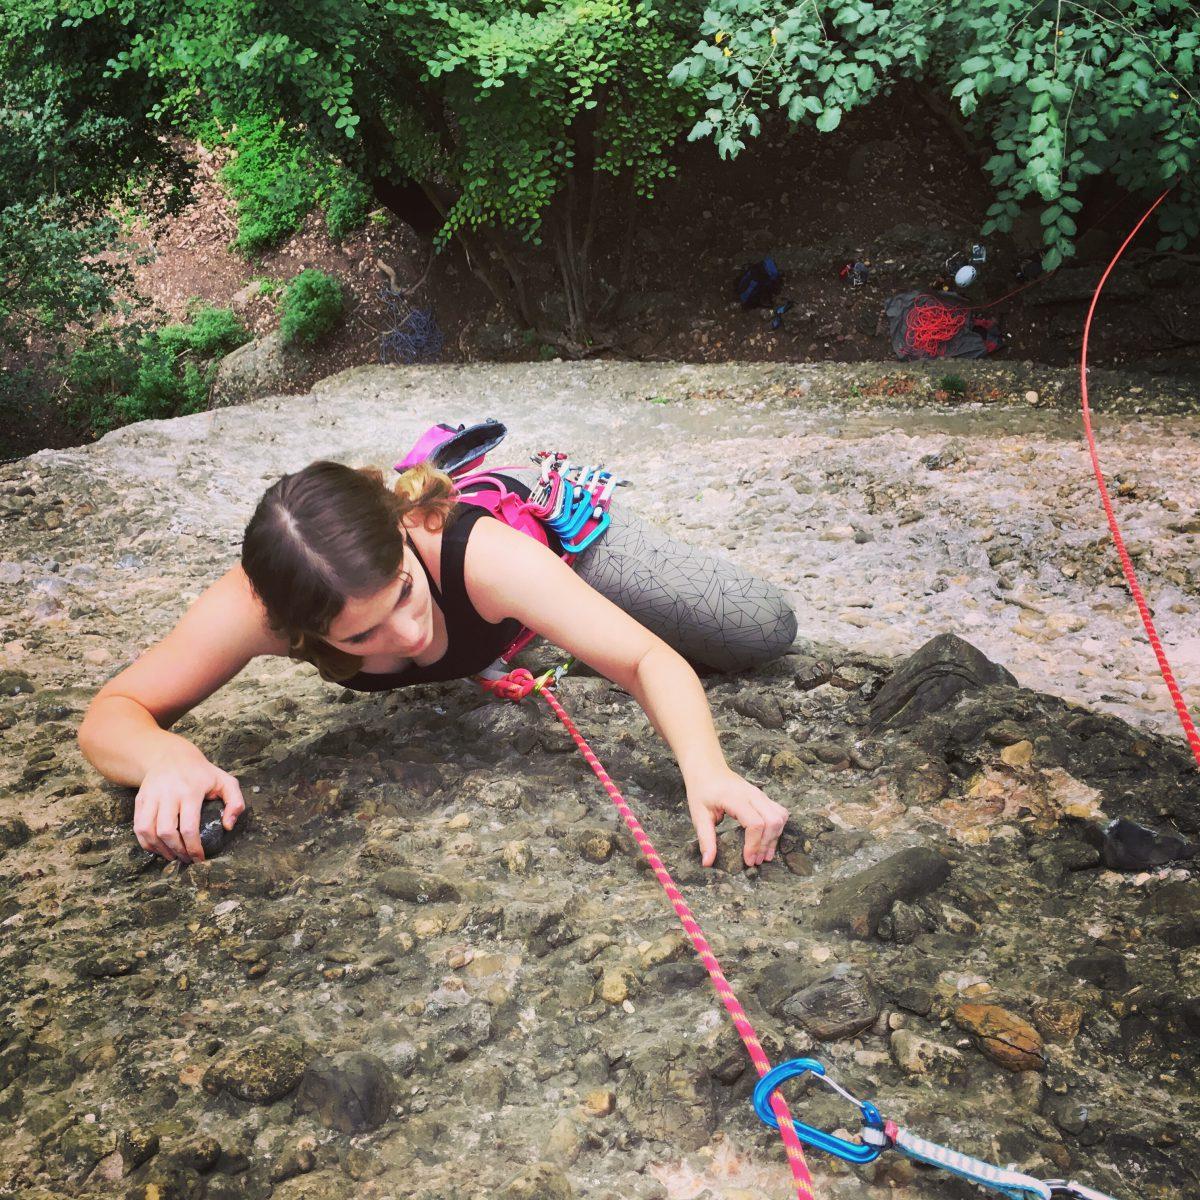 maybeyoulike_climbing